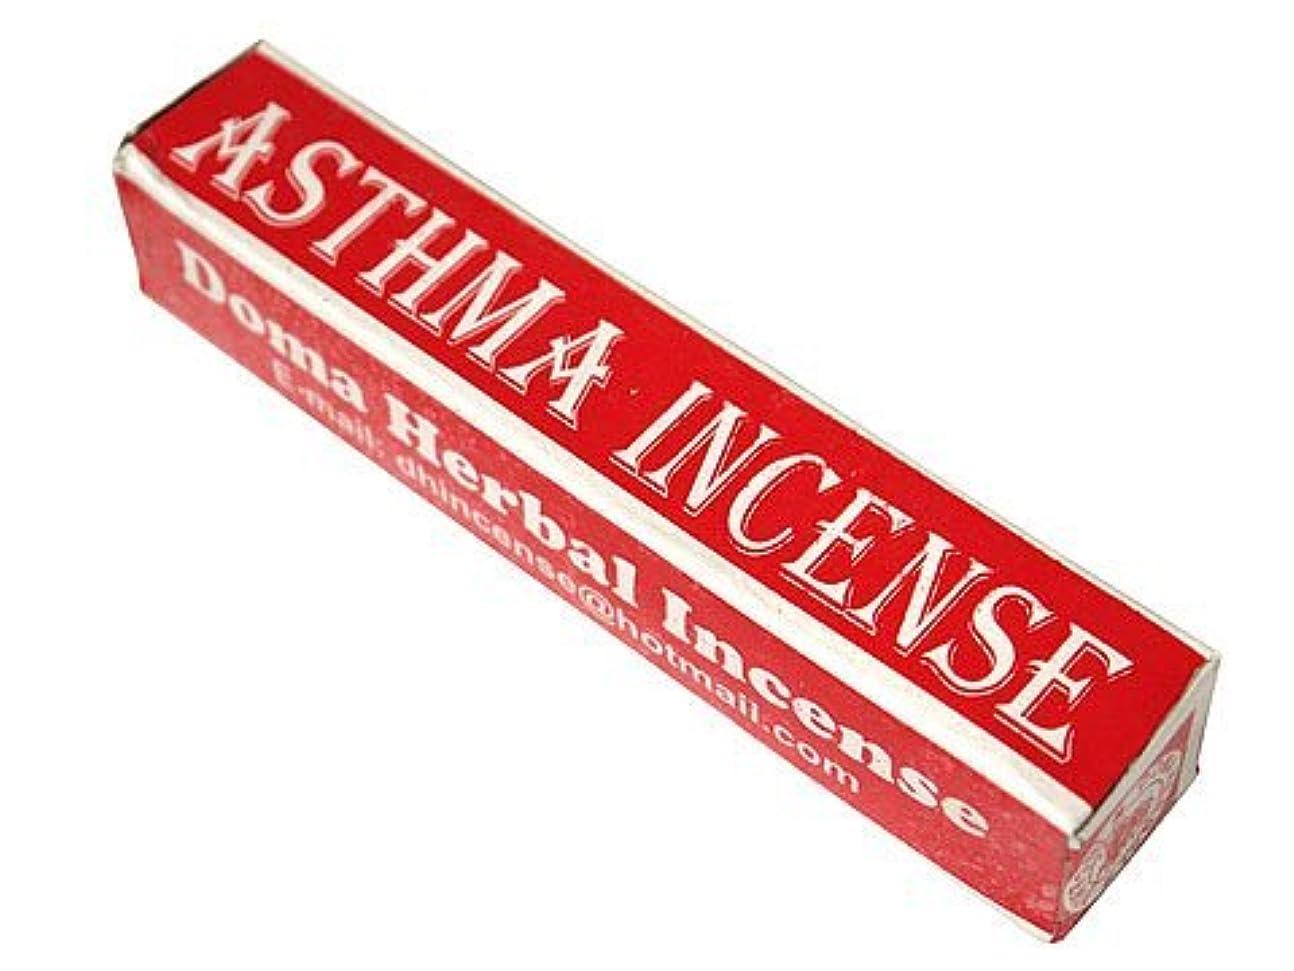 既婚お香手がかりドマハーバルインセンス Doma Herbal Incense【ASTHMA アスタマ】